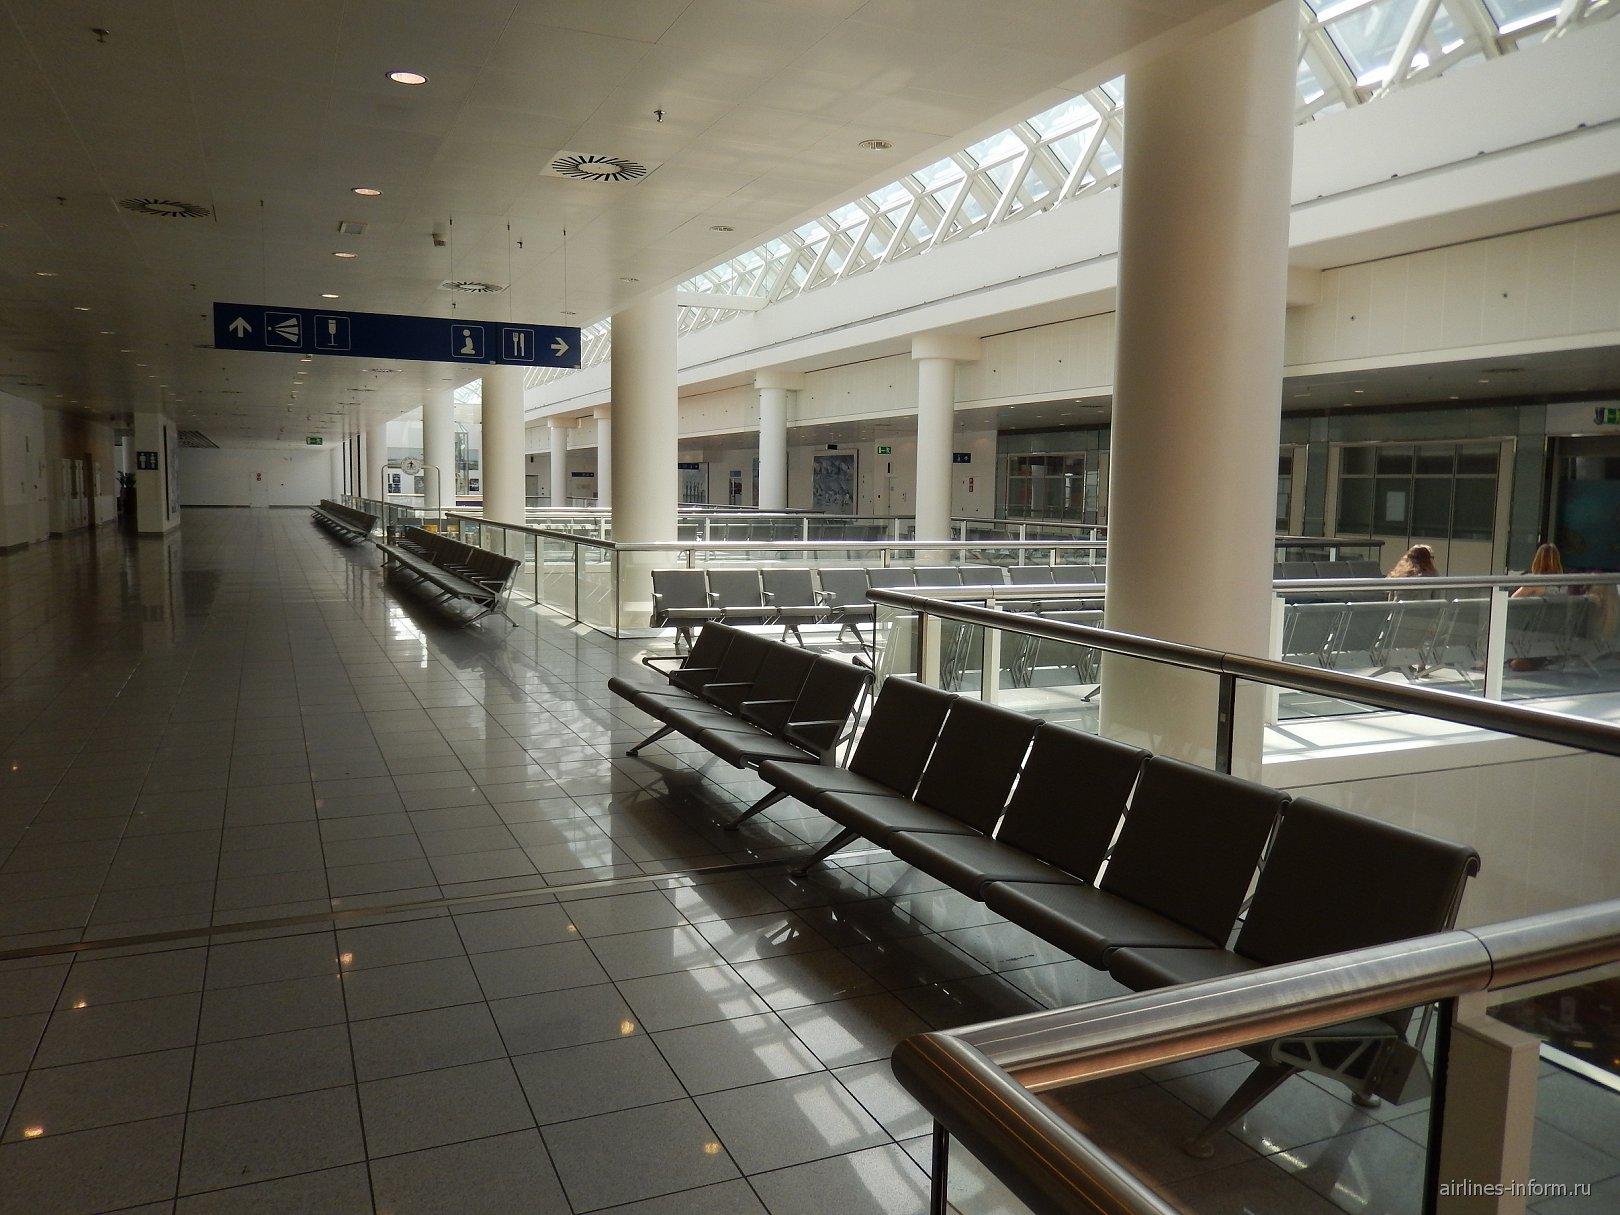 Зал ожидания на втором этаже в чистой зоне аэропорта Брюссель